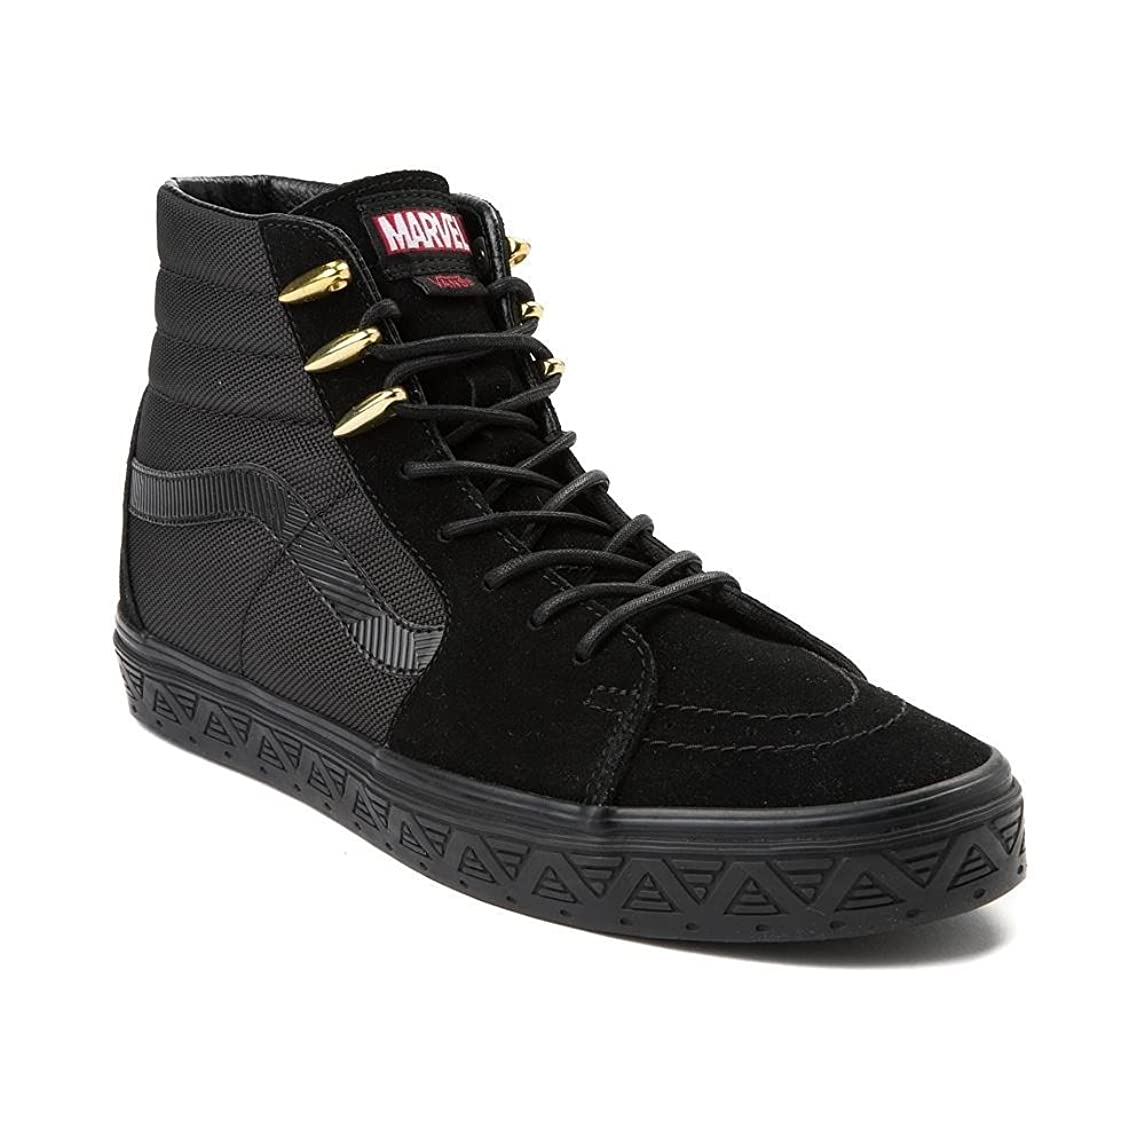 に沿って知っているに立ち寄る睡眠[バンズ] スケートハイ アベンジャーズ?靴?ハイカットスニーカー Sk8 Hi Marvel Avengers Black Panther Skate Shoe US Men's 6.5/Women's 8(メンズ24.5cm/レディース25cm) [並行輸入品]